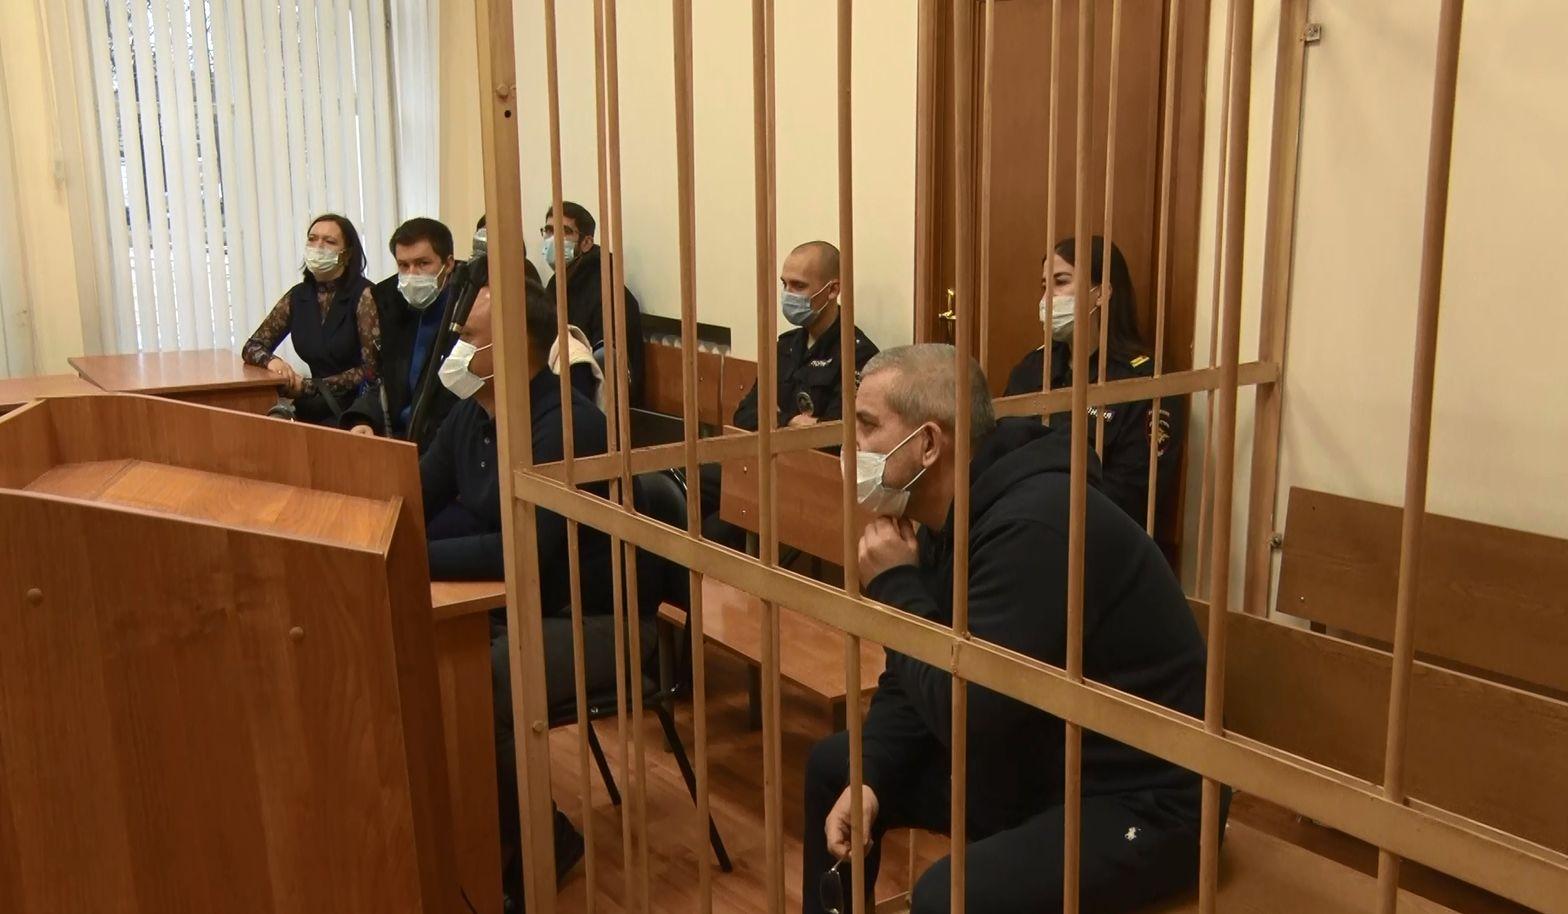 Рассмотрение уголовного дела Алексея Лагунина по мошенничеству в особо крупном размере началось в Ярославле